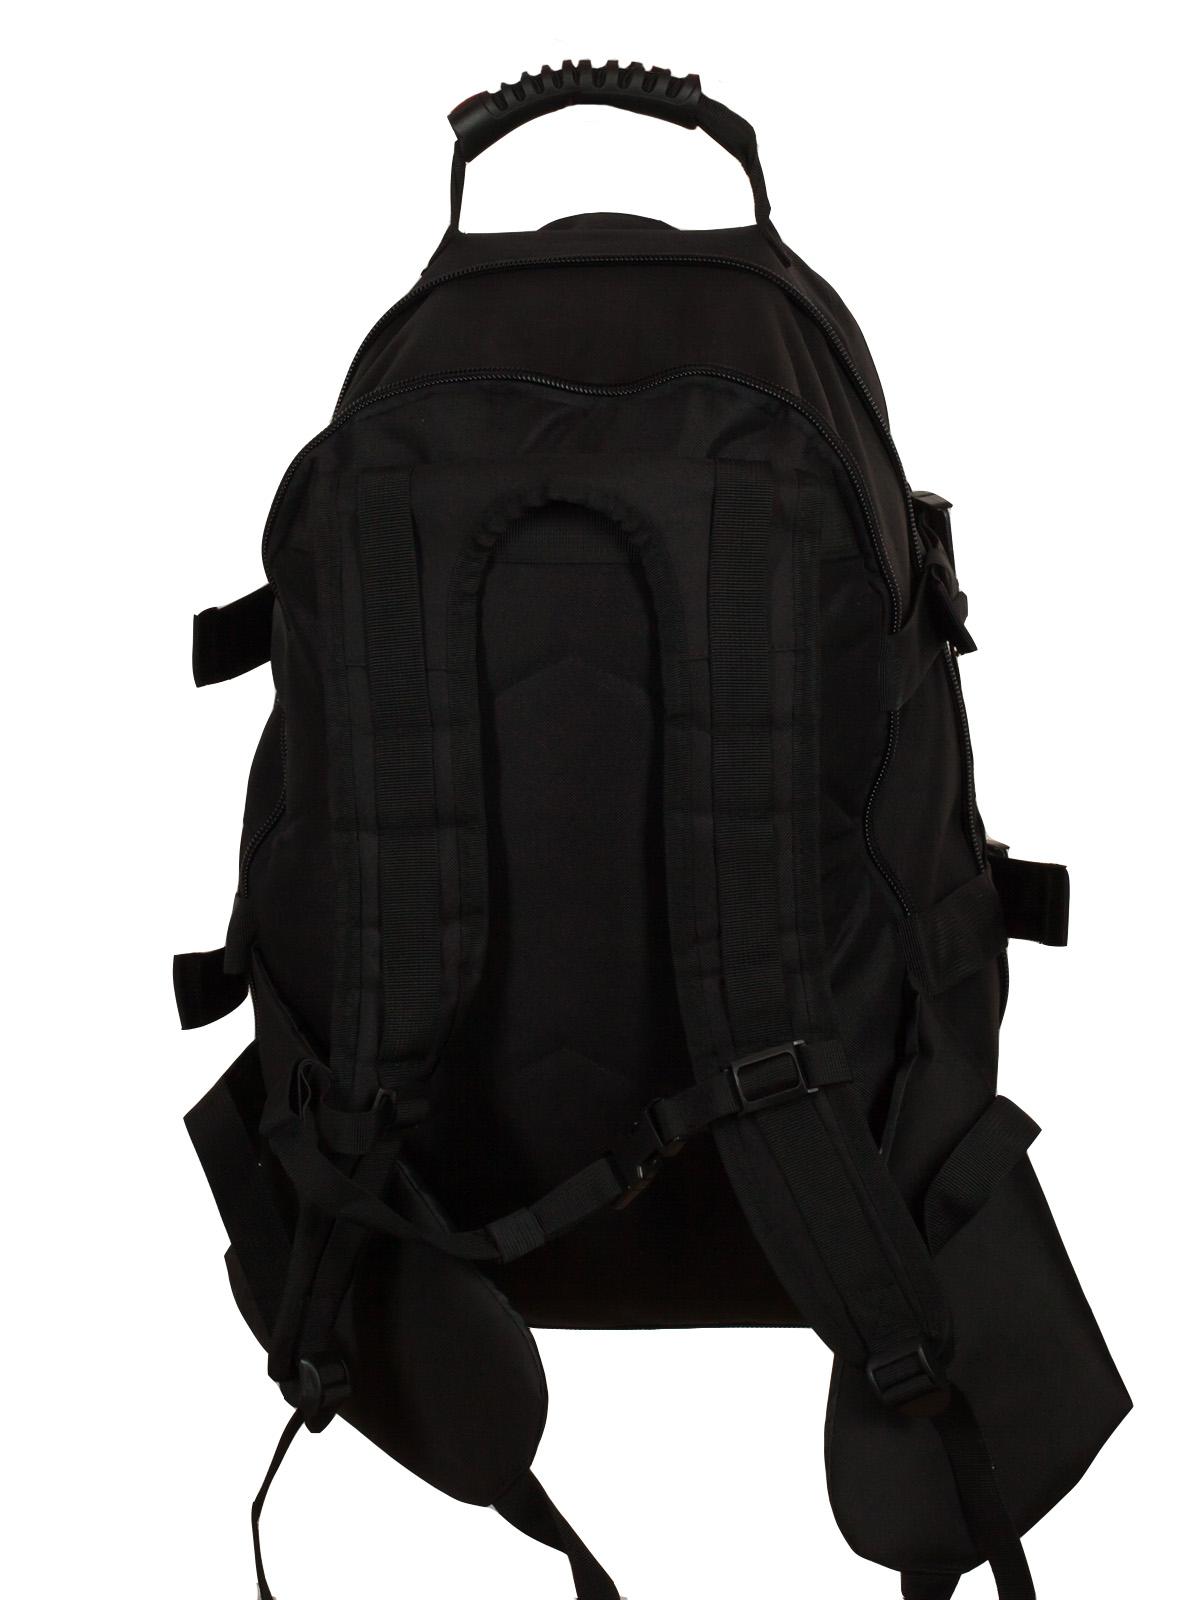 Крутой удобный рюкзак с нашивкой Танковые Войска - купить в Военпро